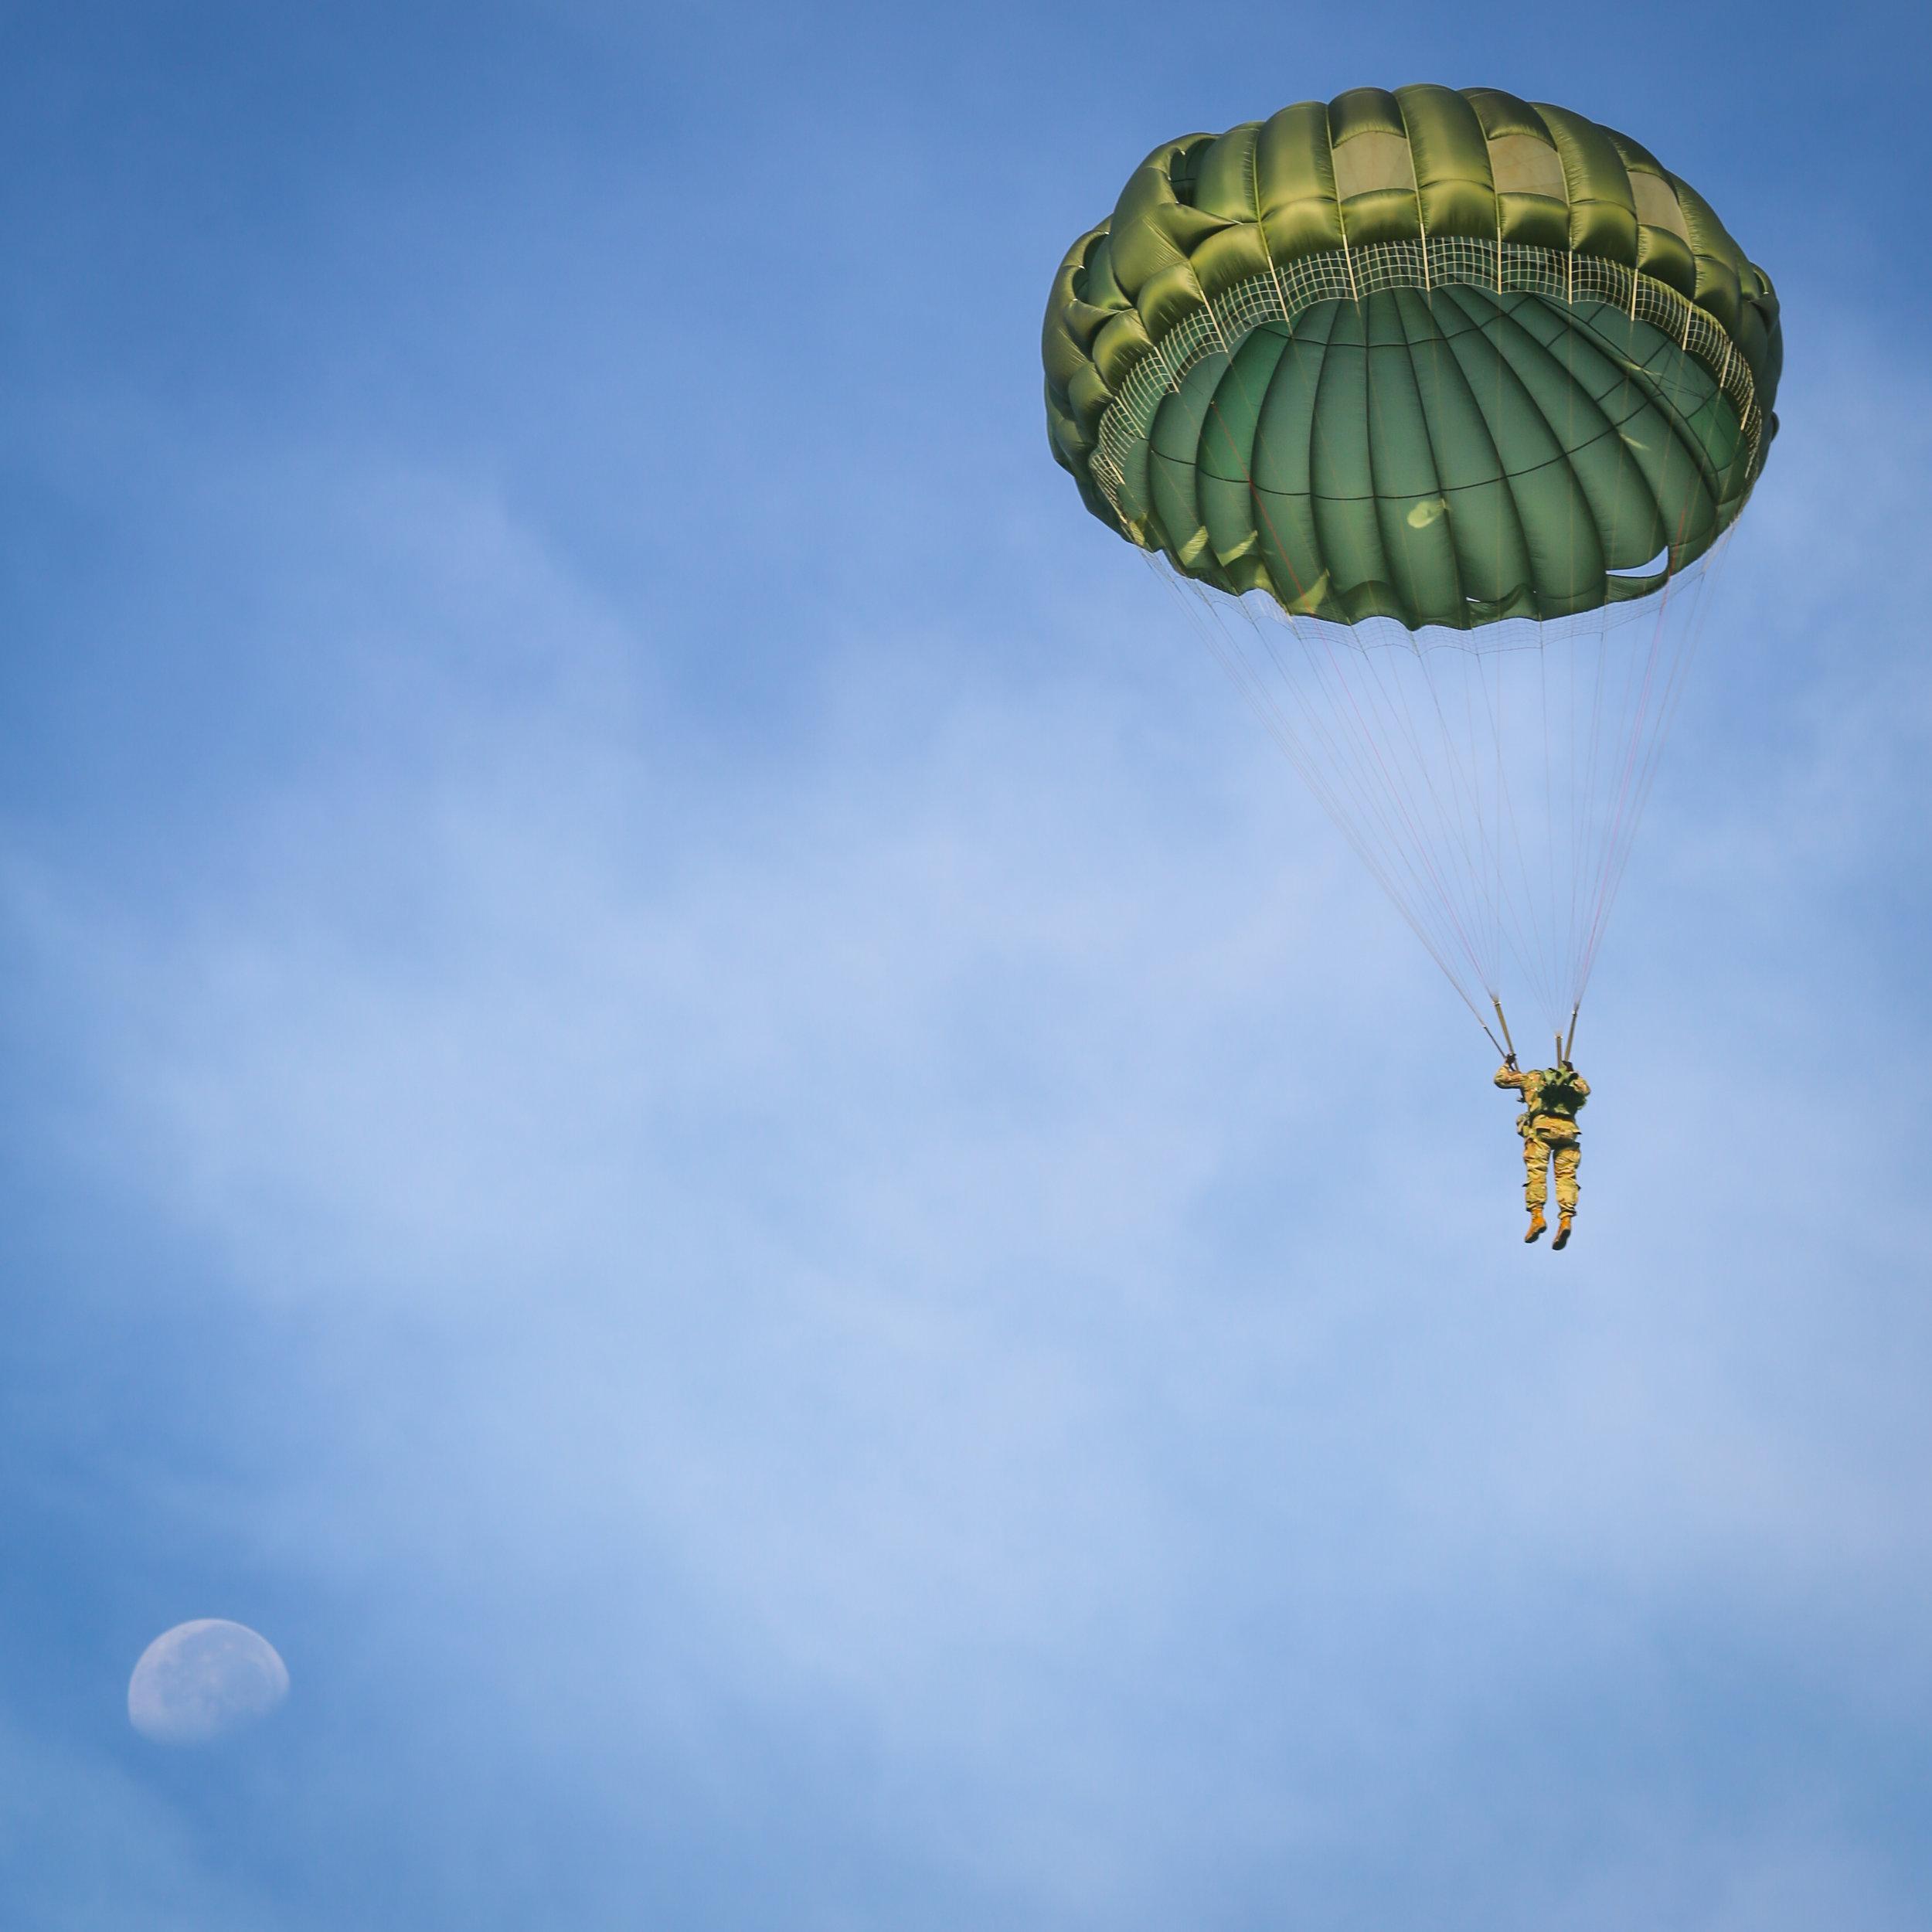 170812 - ParatrooperAugustSet3-1095 (55).jpg